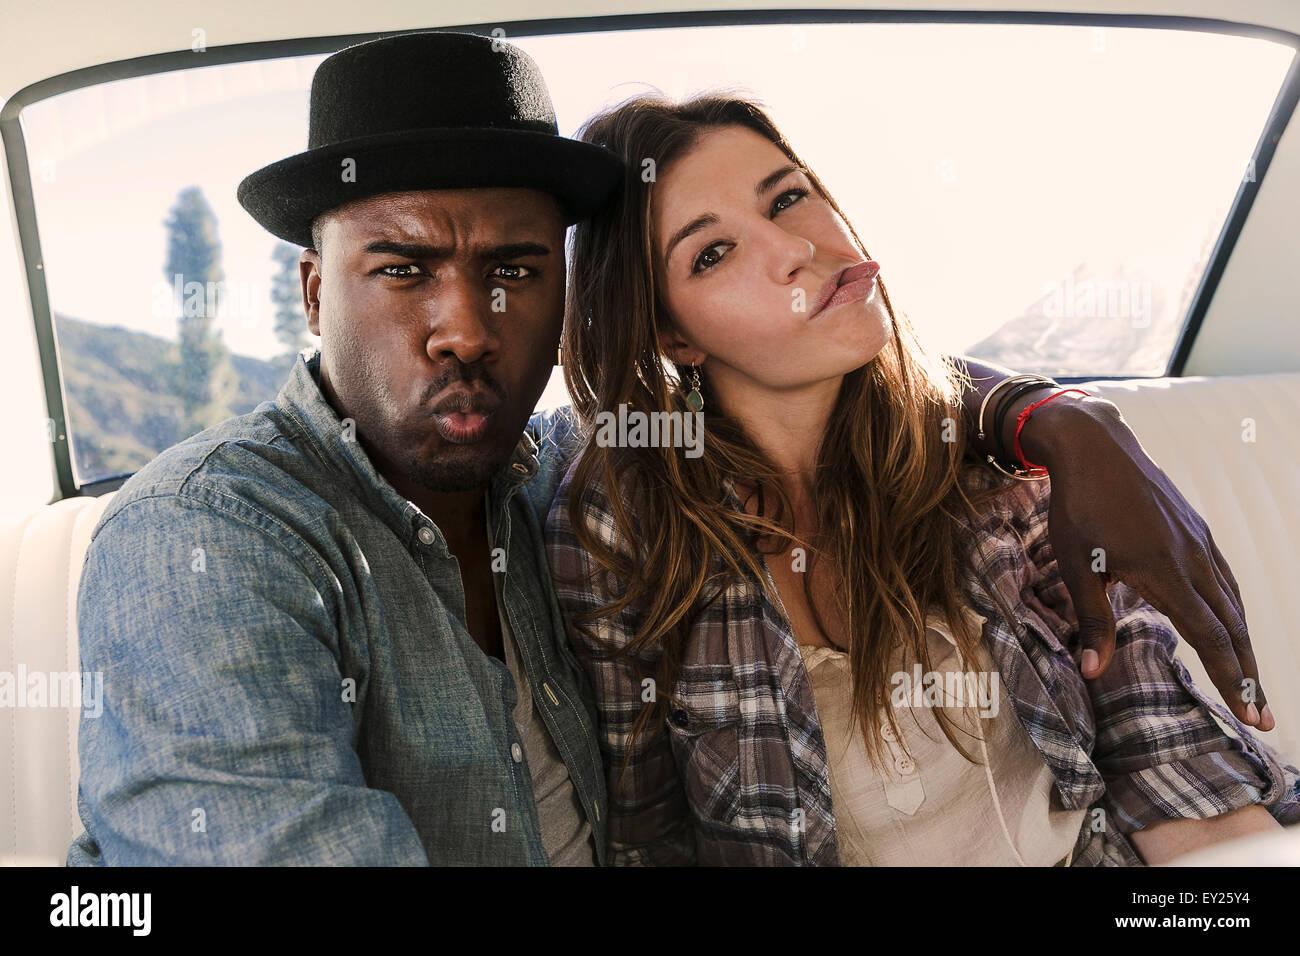 Retrato de pareja tirando de caras en el asiento de atrás del coche Imagen De Stock